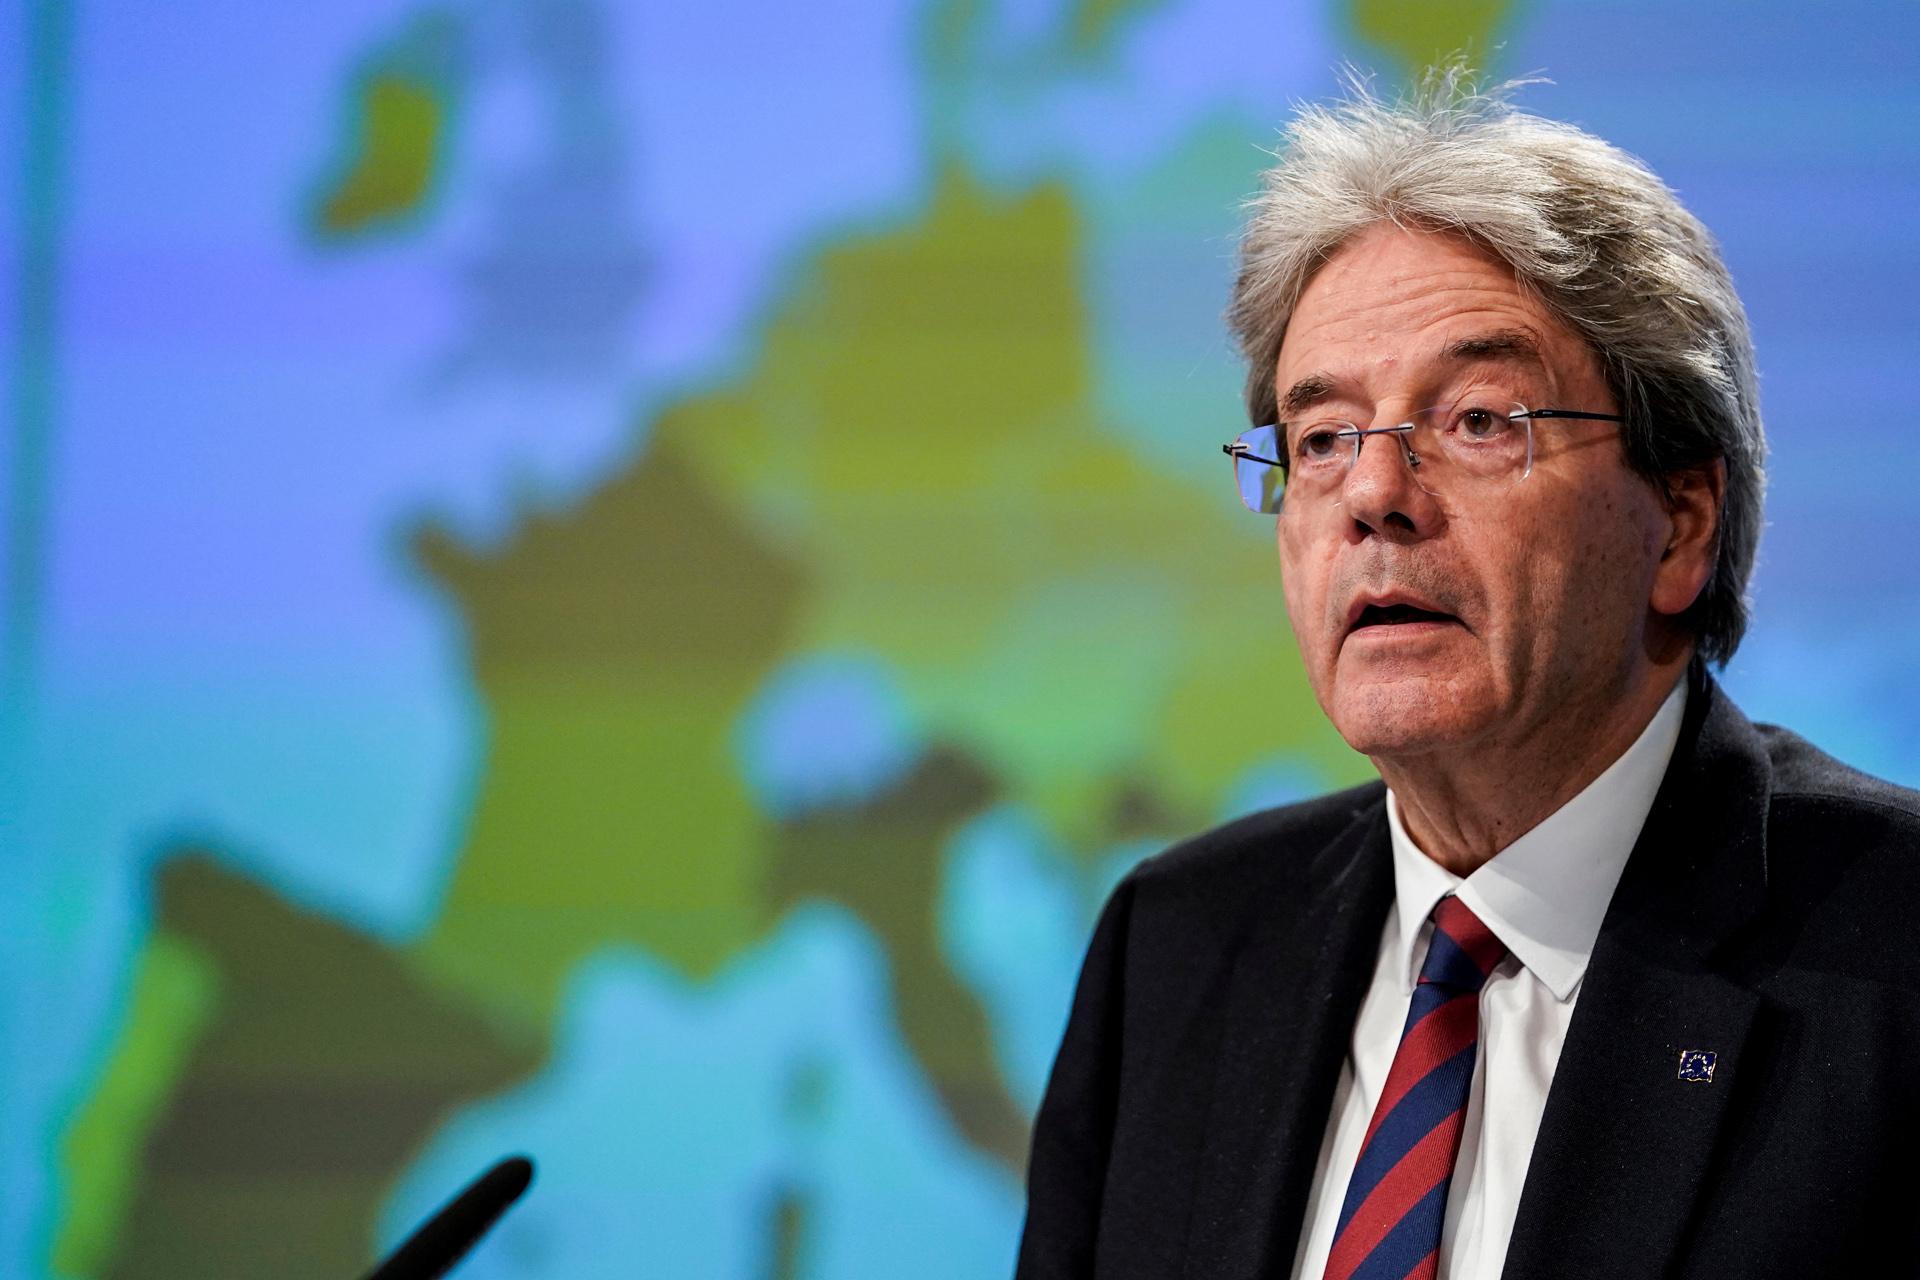 Τζεντιλόνι: Υπάρχει εμπιστοσύνη για τη βιωσιμότητα του ελληνικού χρέους